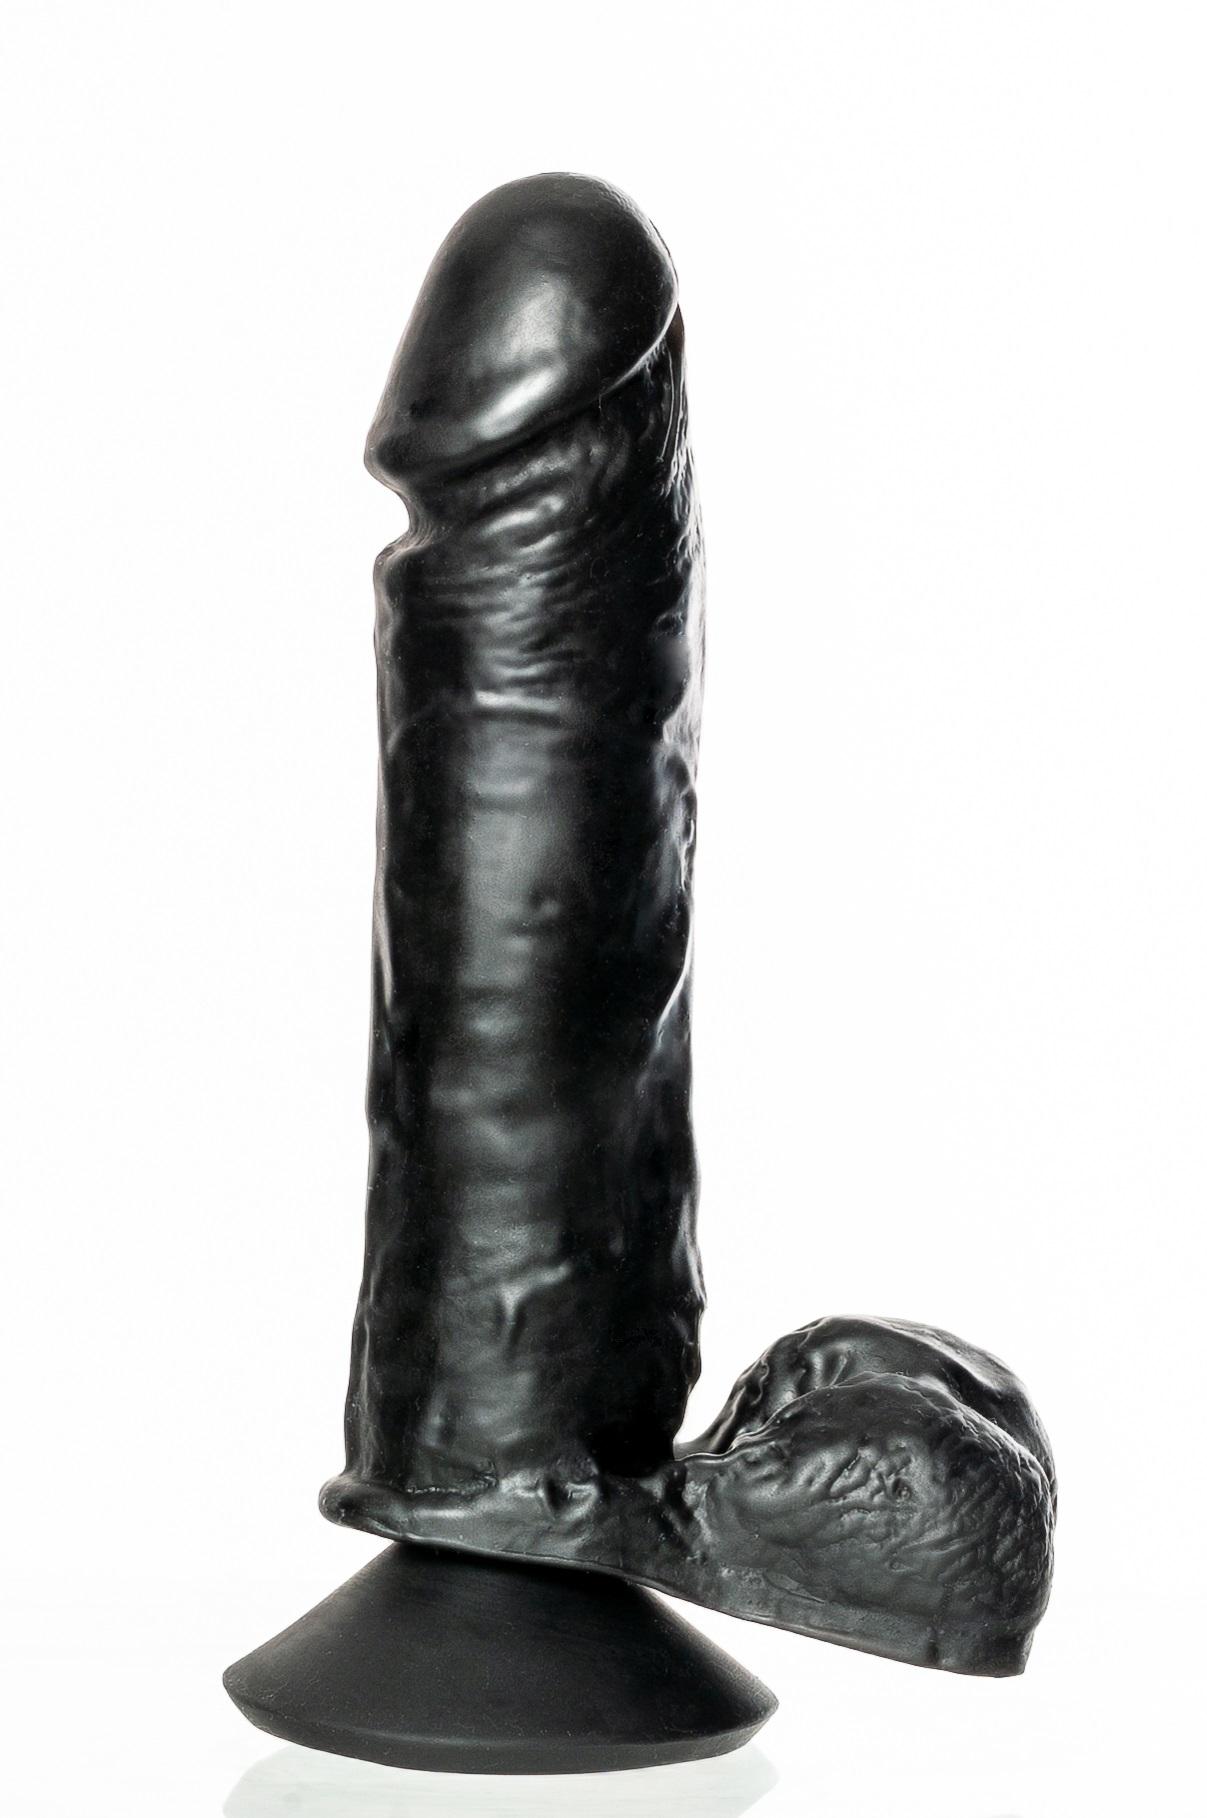 Prótese Peniana Macia como a Pele  com Glande Saliente e Escroto Flexível + Ventosa em Realistic Skin 21,5x4,5cm - Thor - Cores